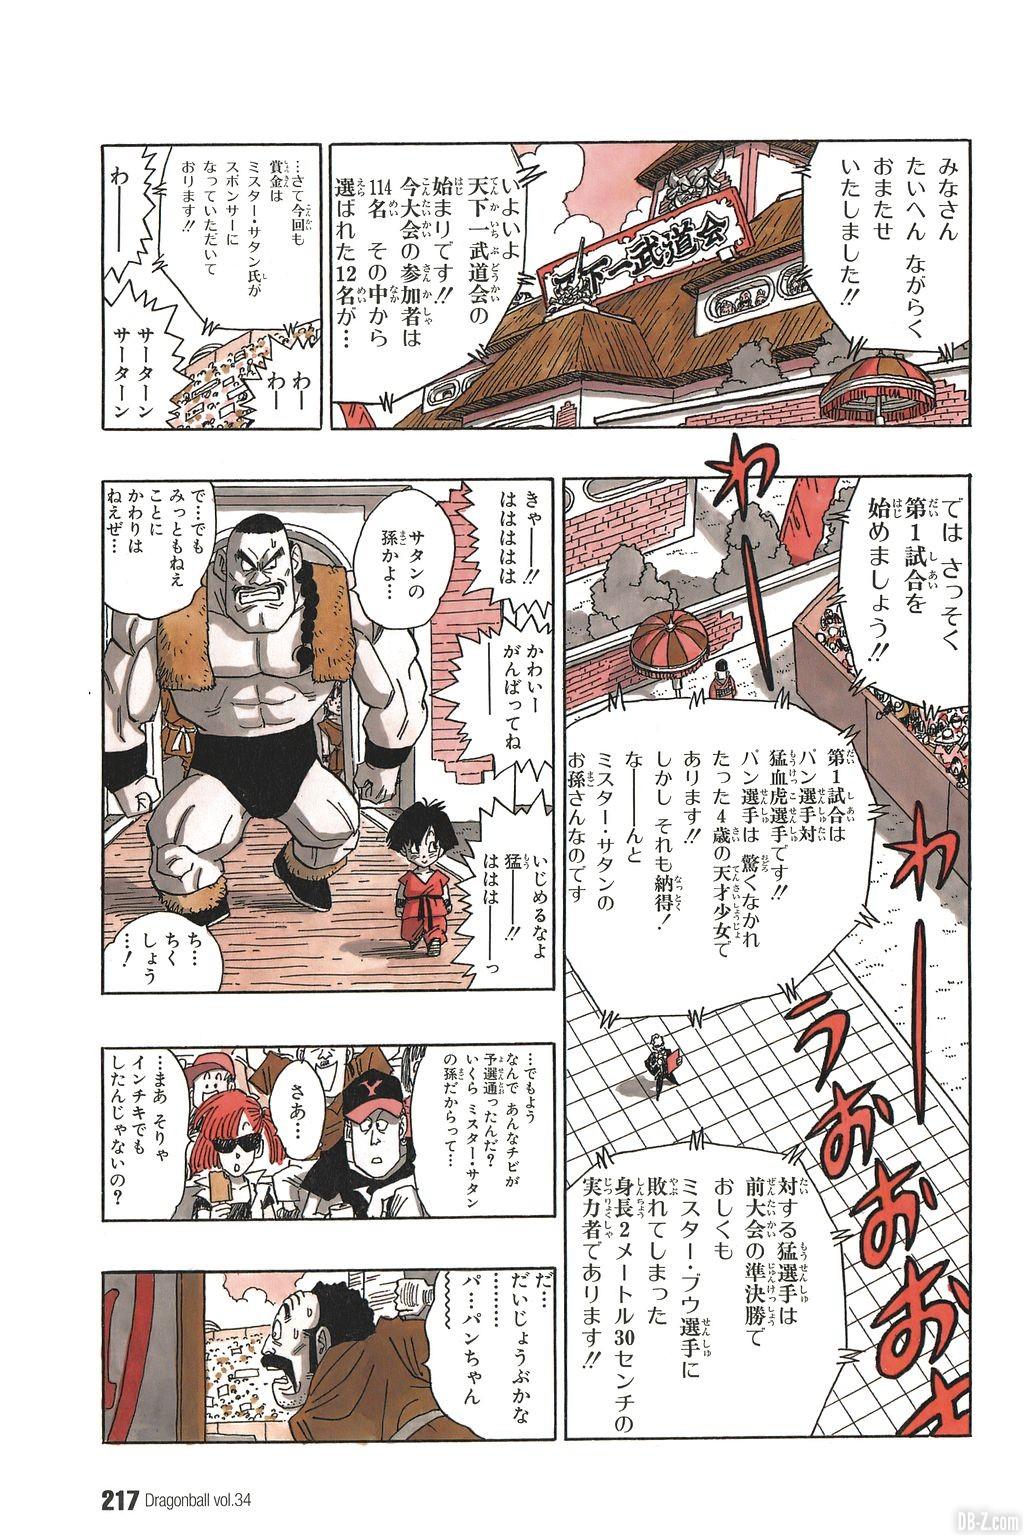 Dernier Chapitre Dragon Ball Page 5